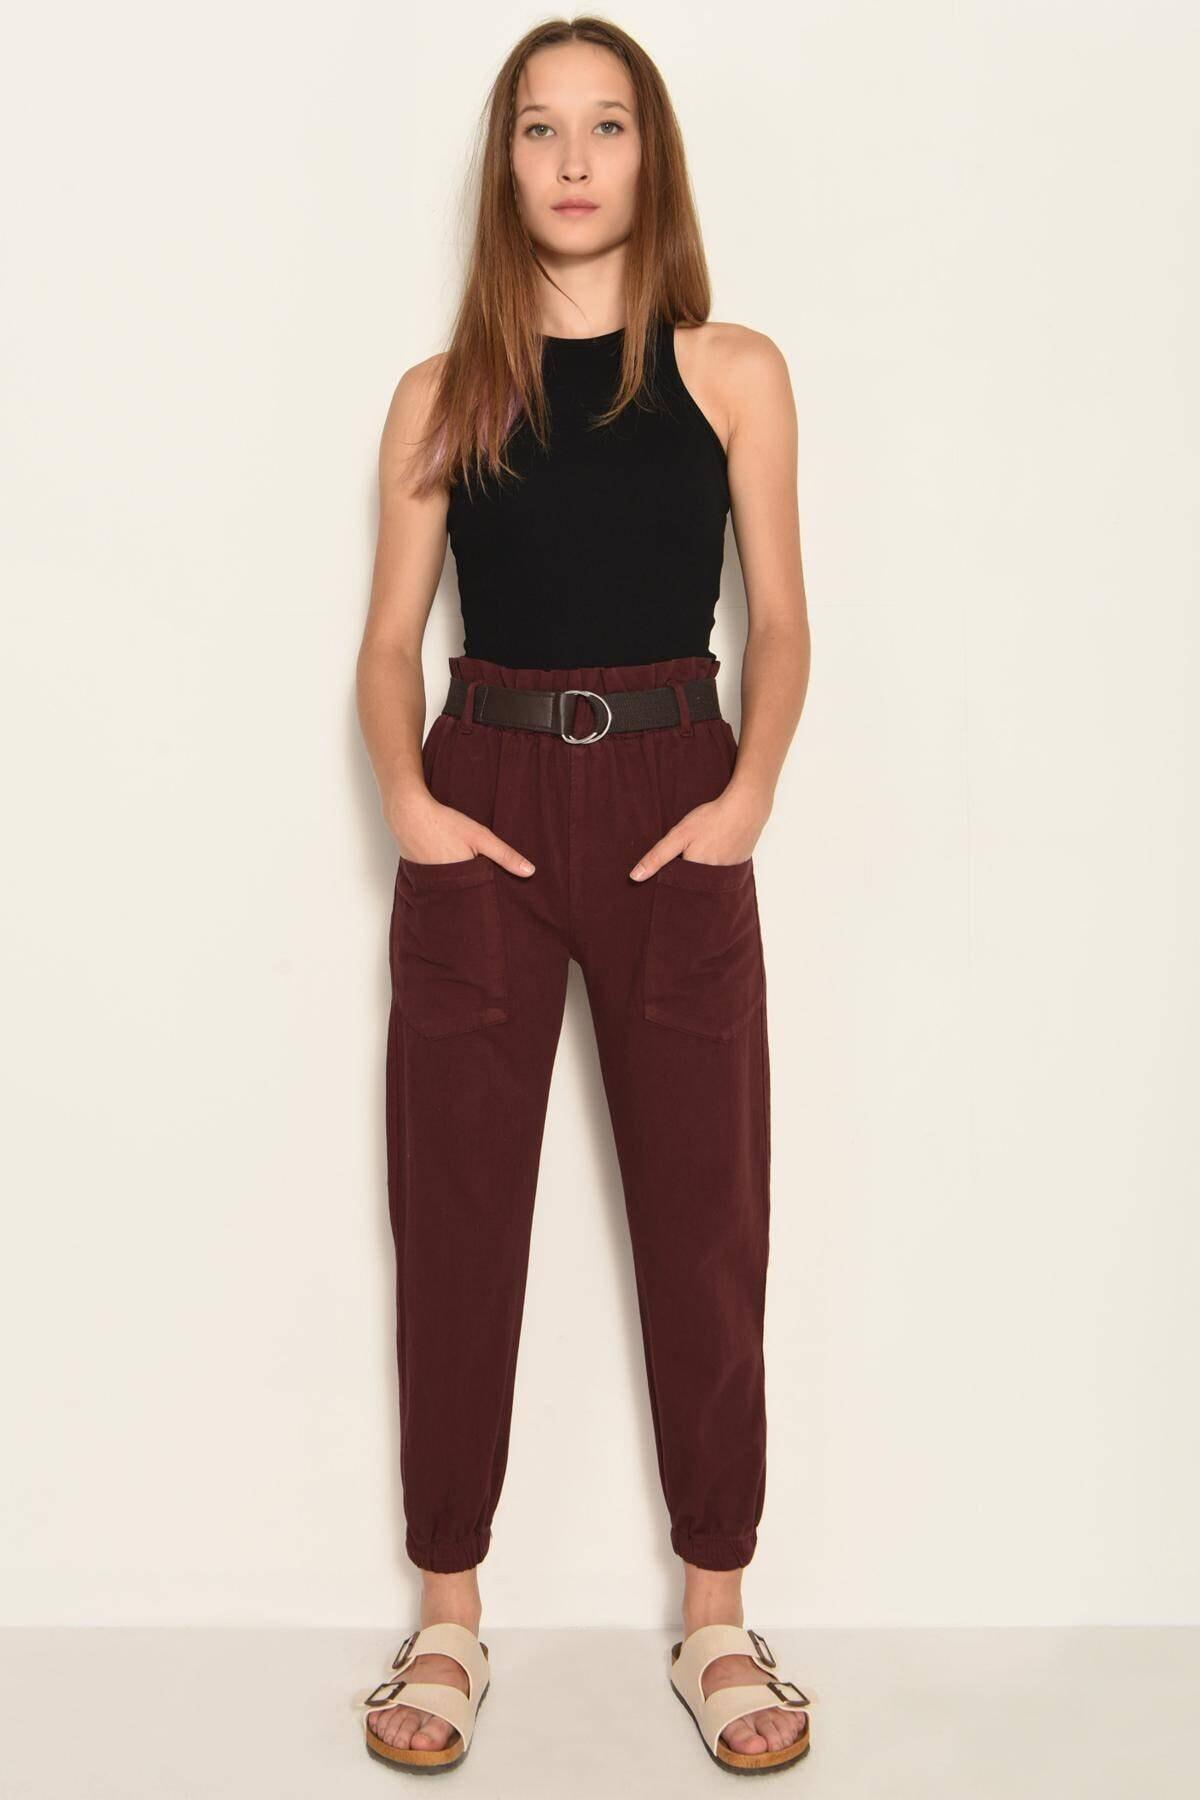 Addax Kadın Bordo Cep Detaylı Pantolon PN4139 - PND ADX-0000020330 1